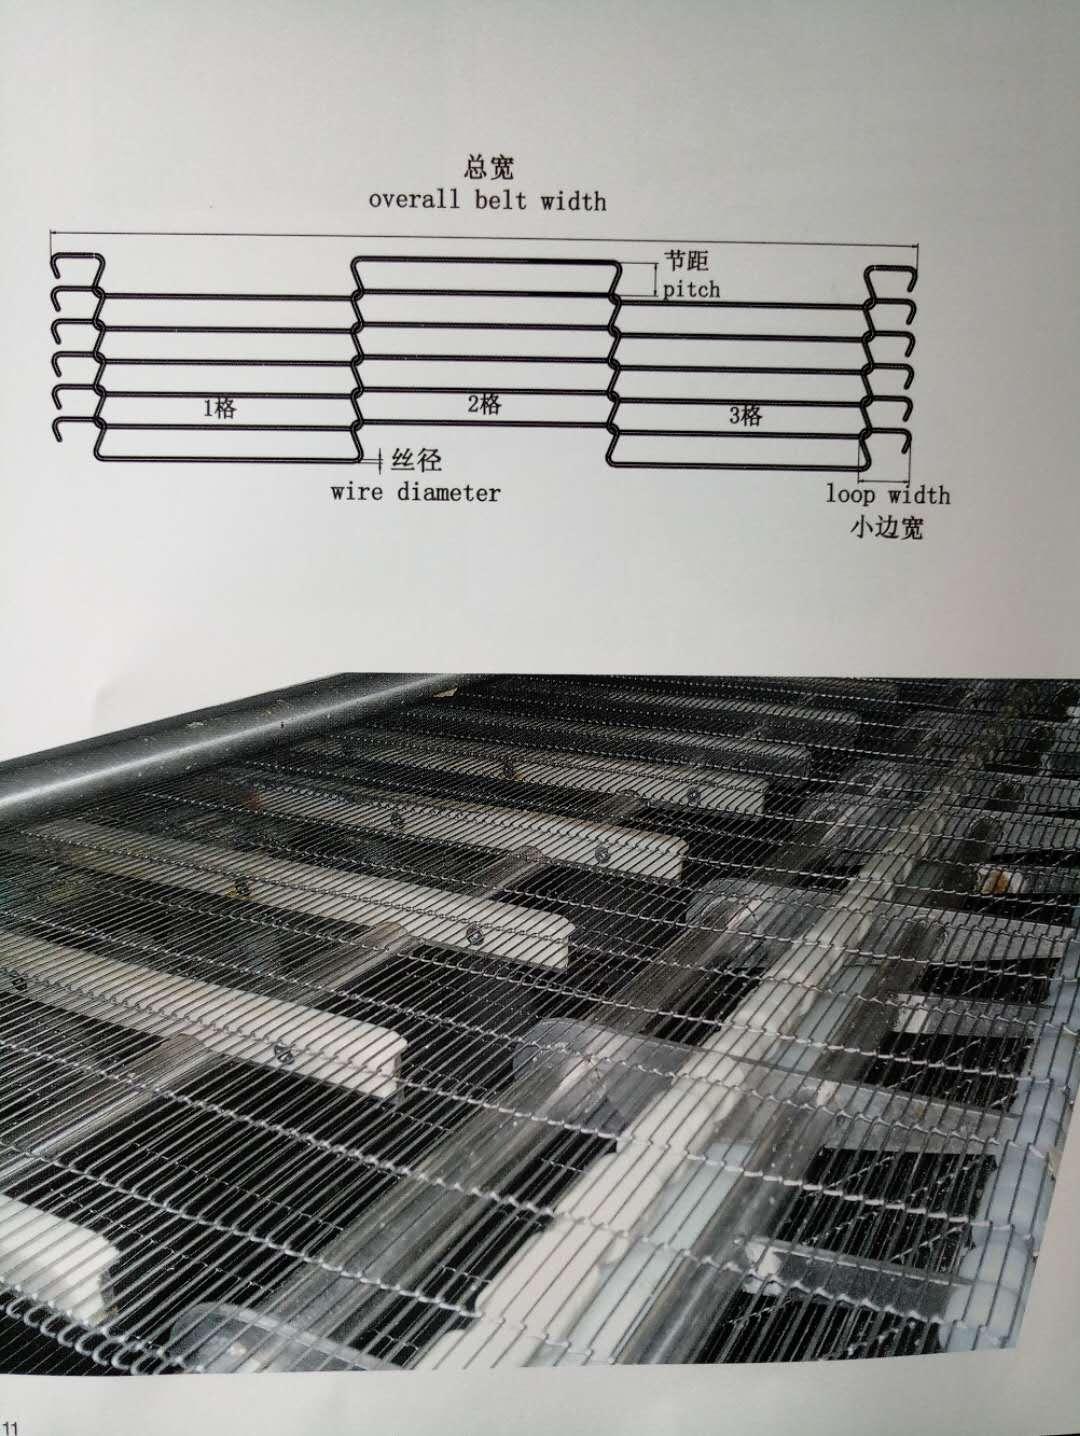 群龙网带提供有品质的乙型网带,乙型网带价格